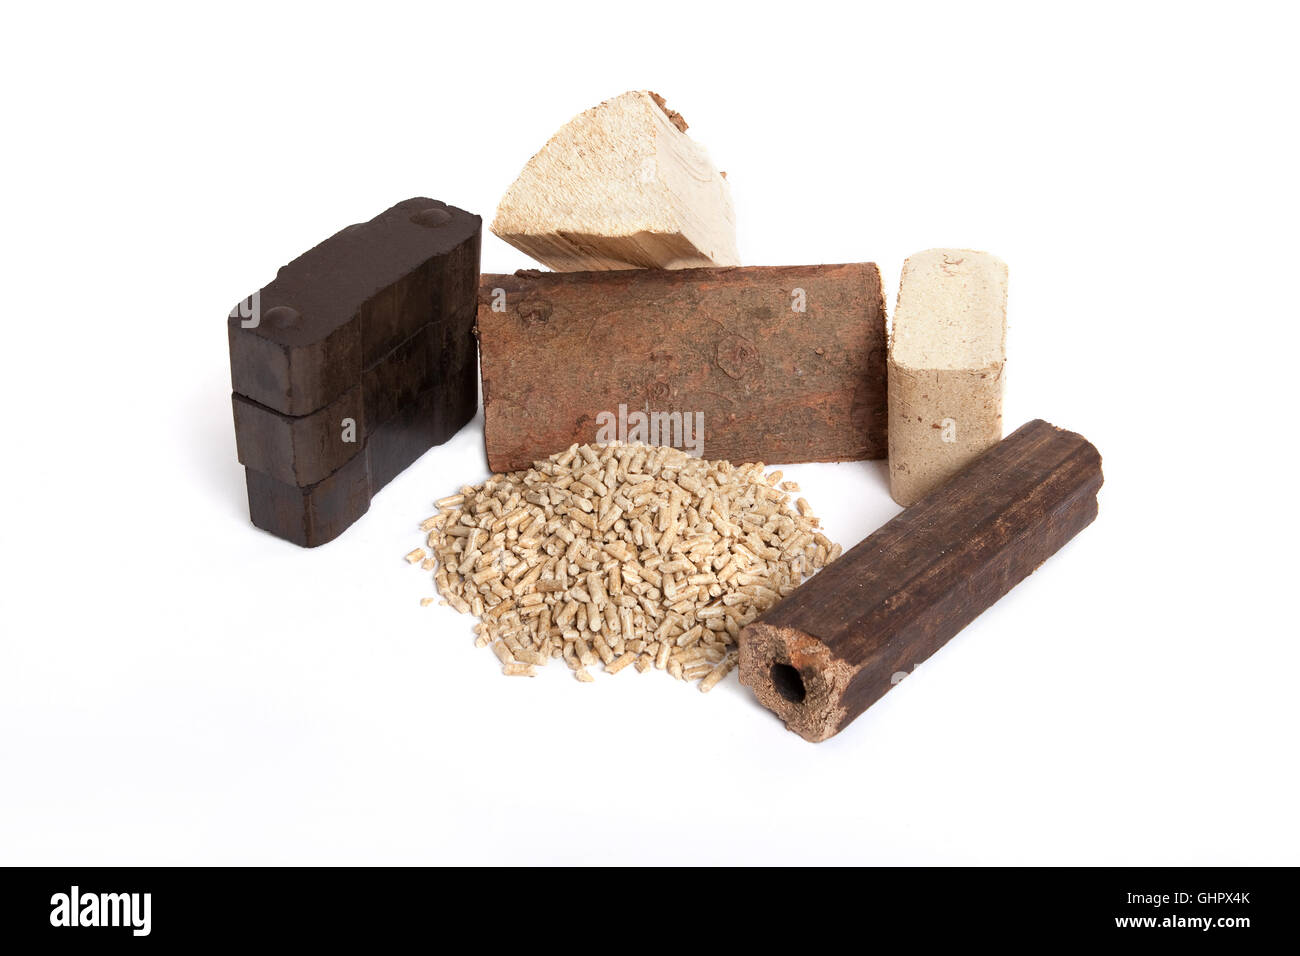 Différents combustibles fossiles sur fond blanc, Carbone, ovenwood, granulés de bois, briquettes, Photo Stock